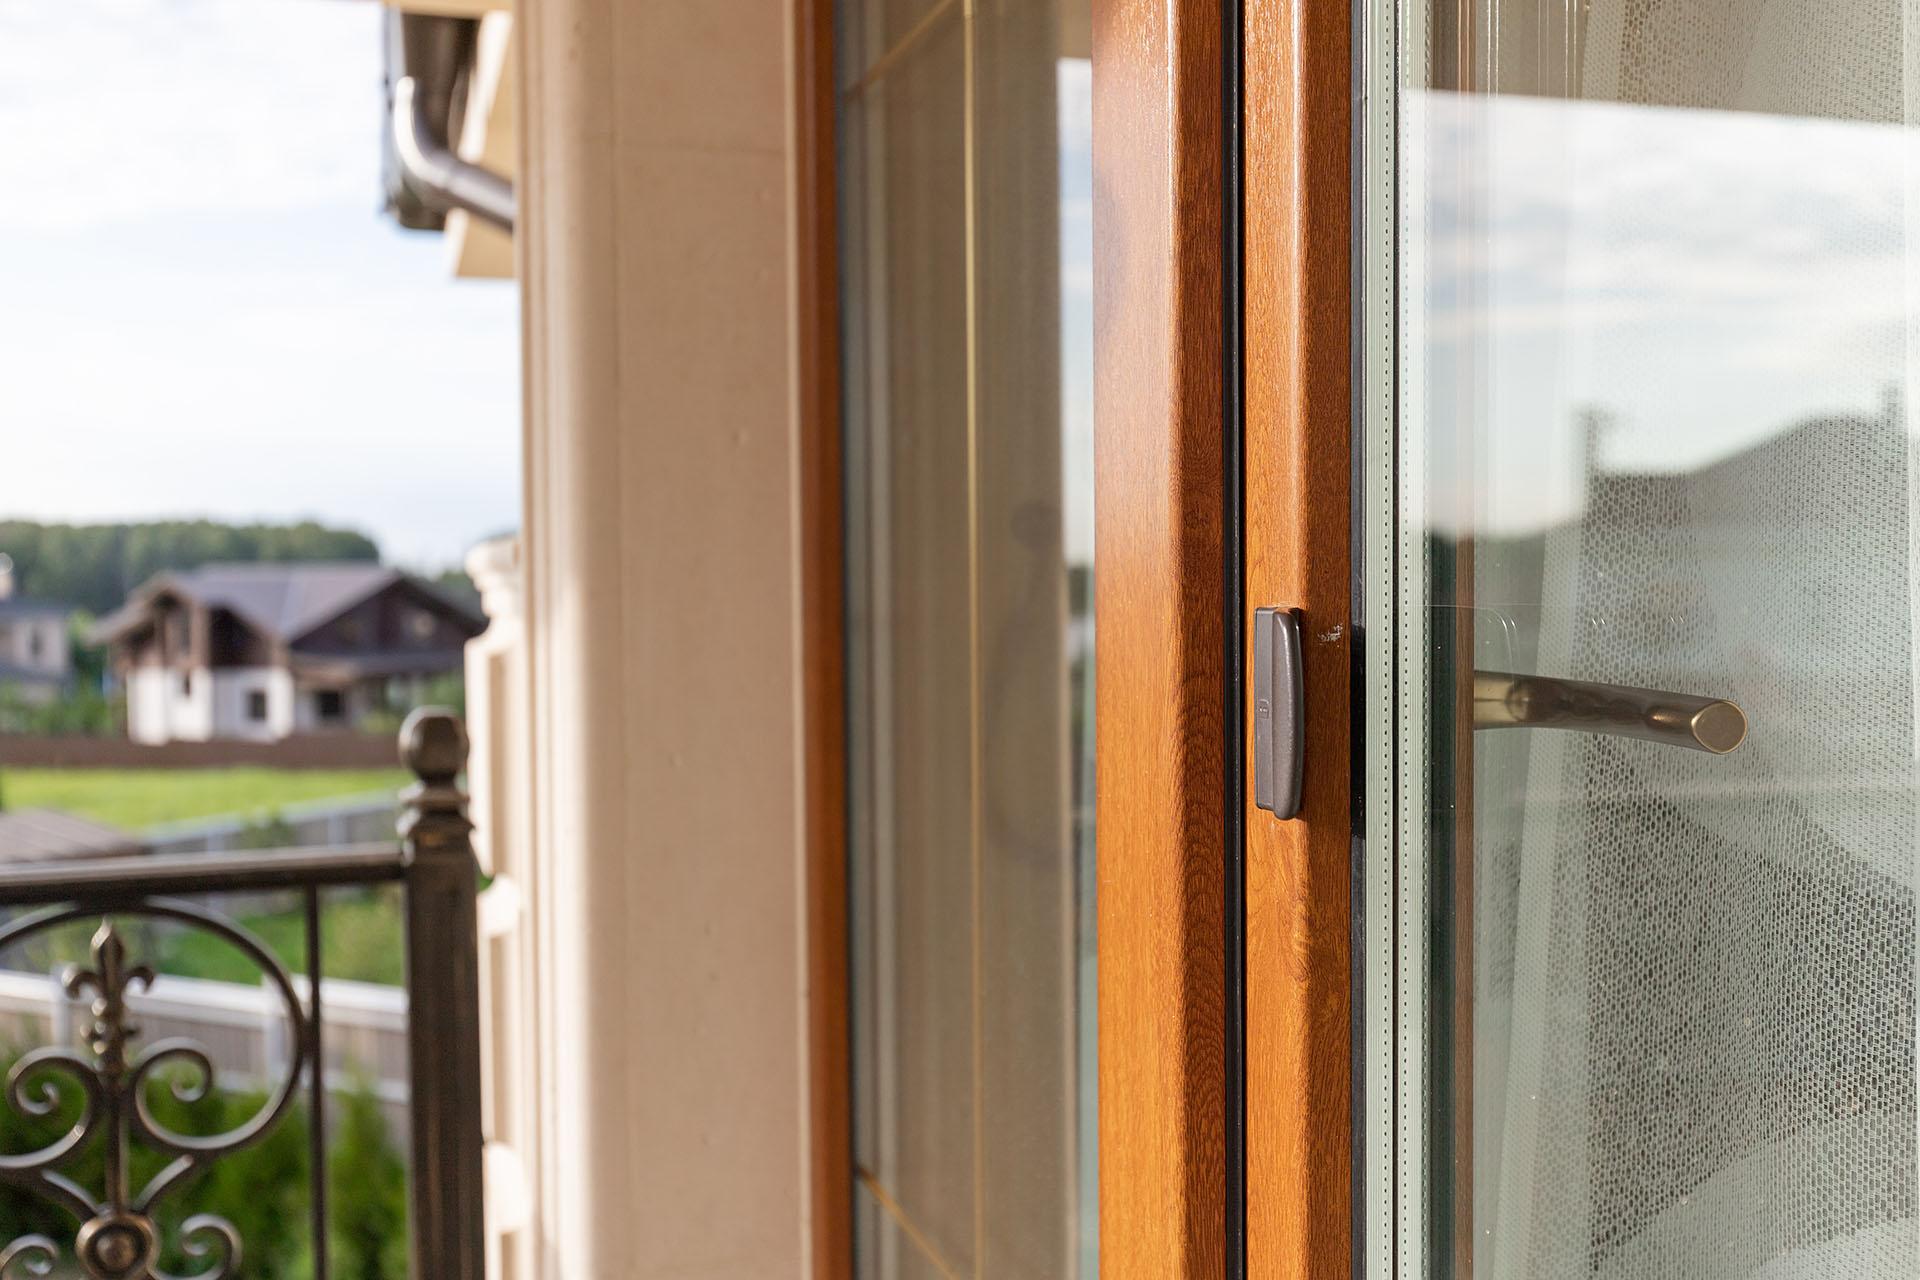 Как выбрать лучший профиль для пластиковых окон. Обзор параметров и брендов - 1